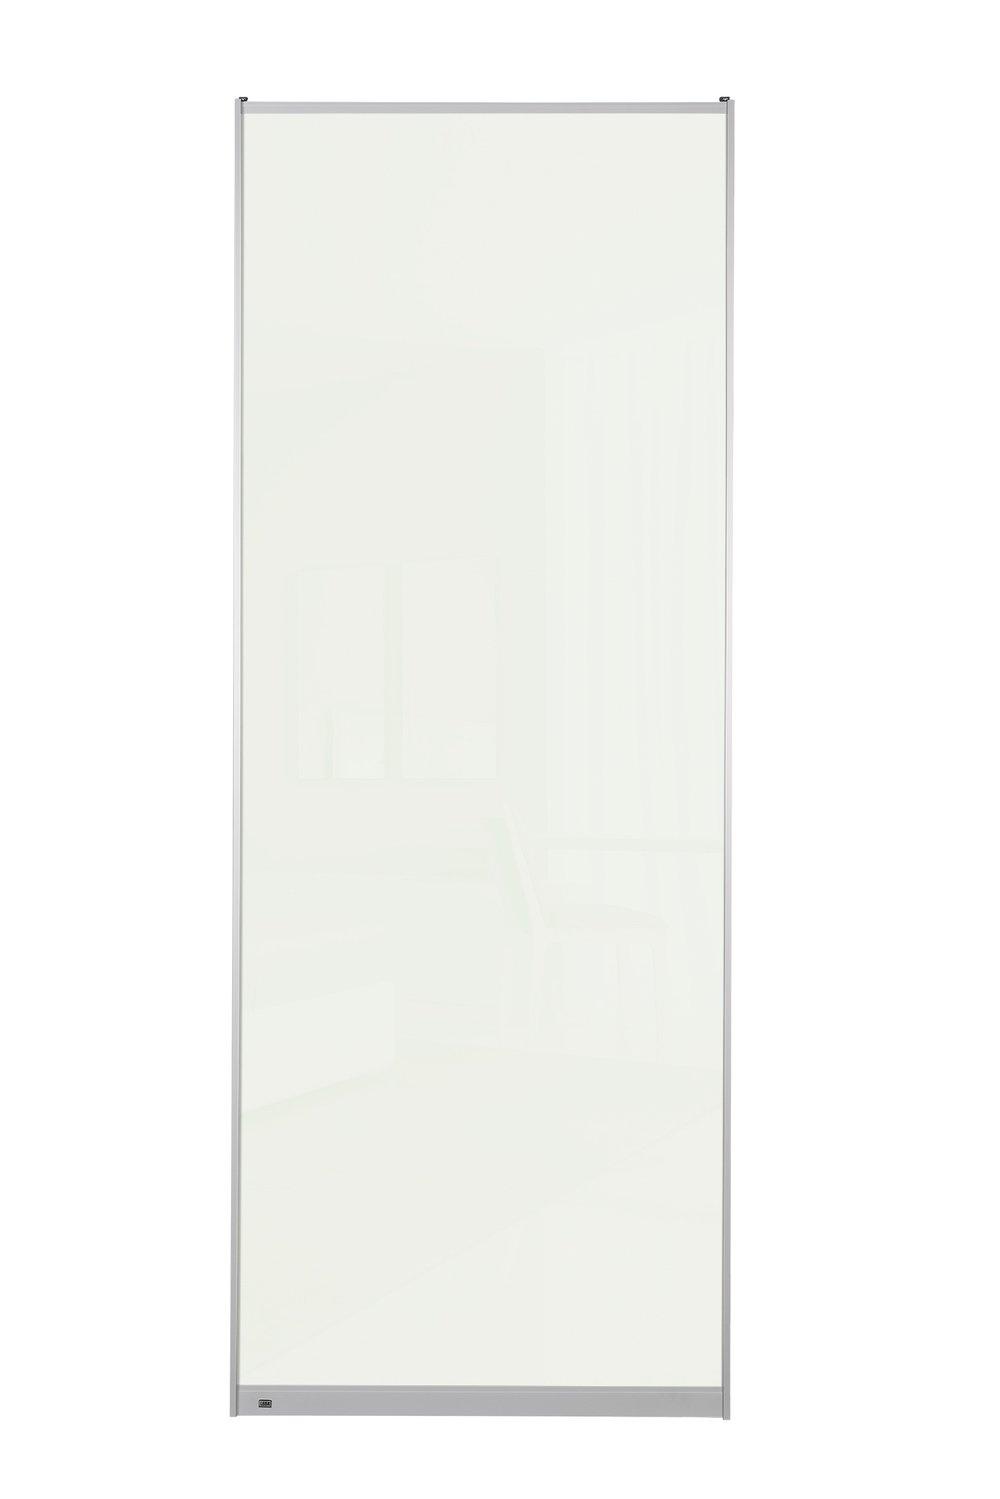 F7101 - Hvitt glass